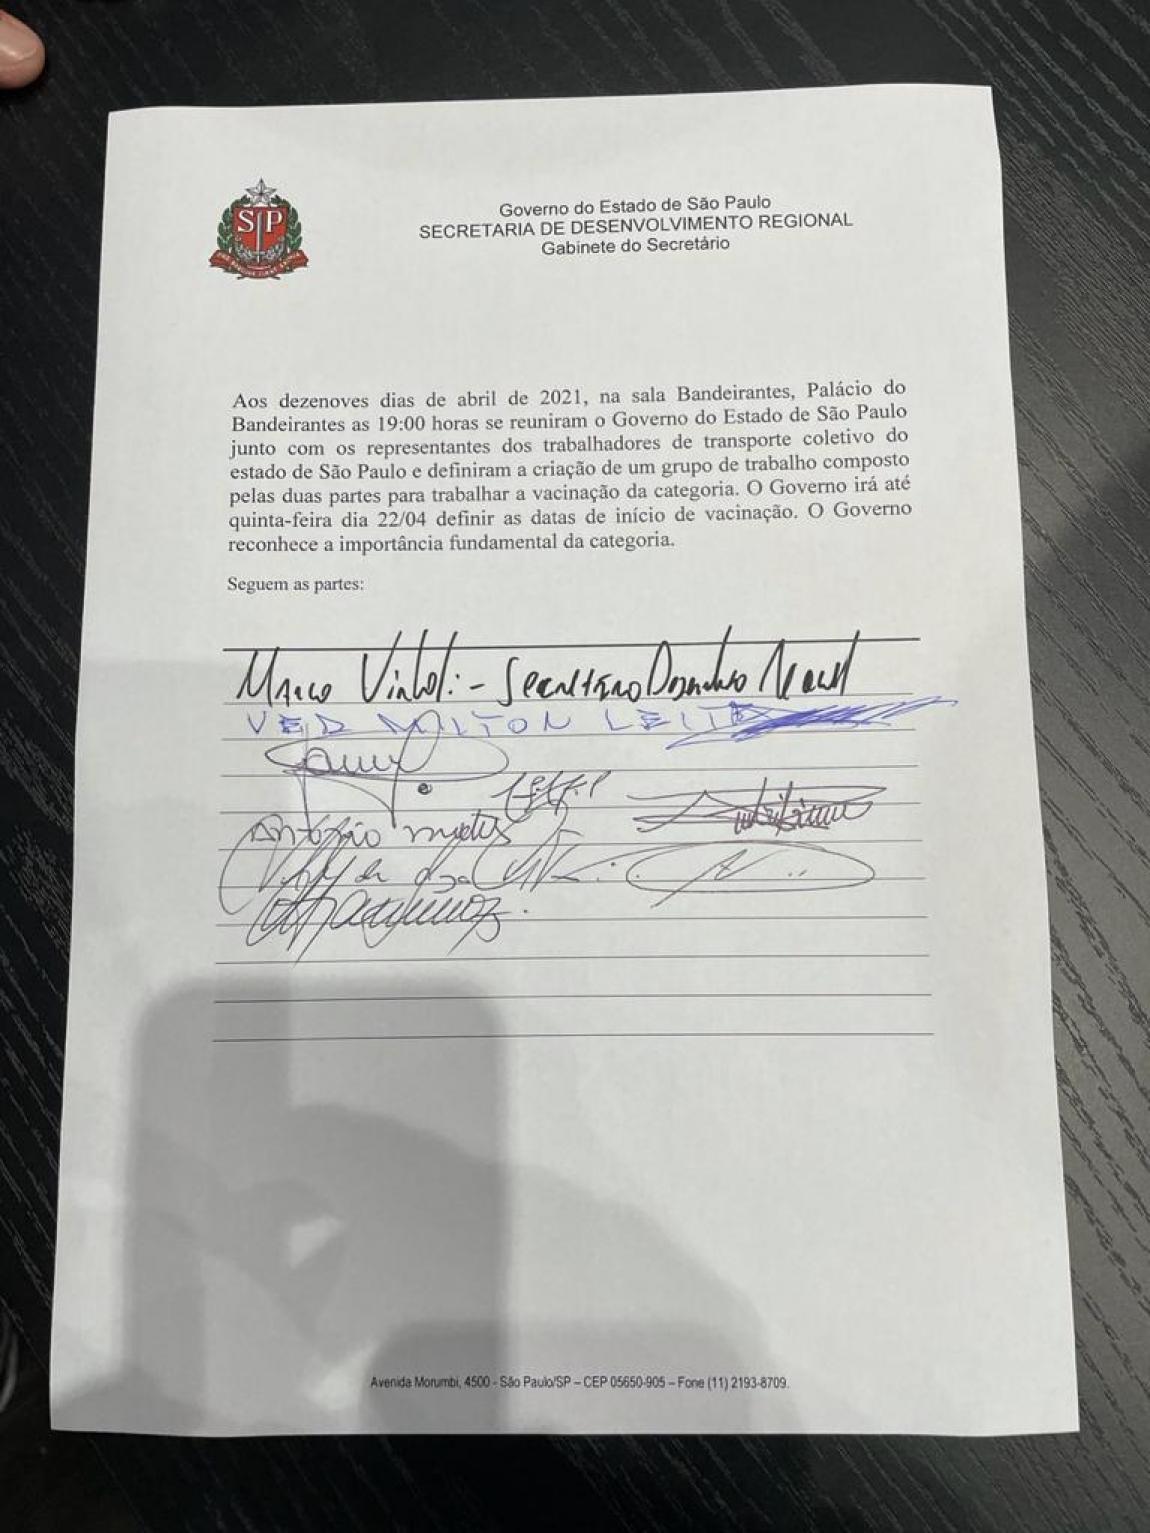 Imagem de Lideranças dos trabalhadores em transportes suspendem Lockdown após Governo Dória garantir vacinação da categoria